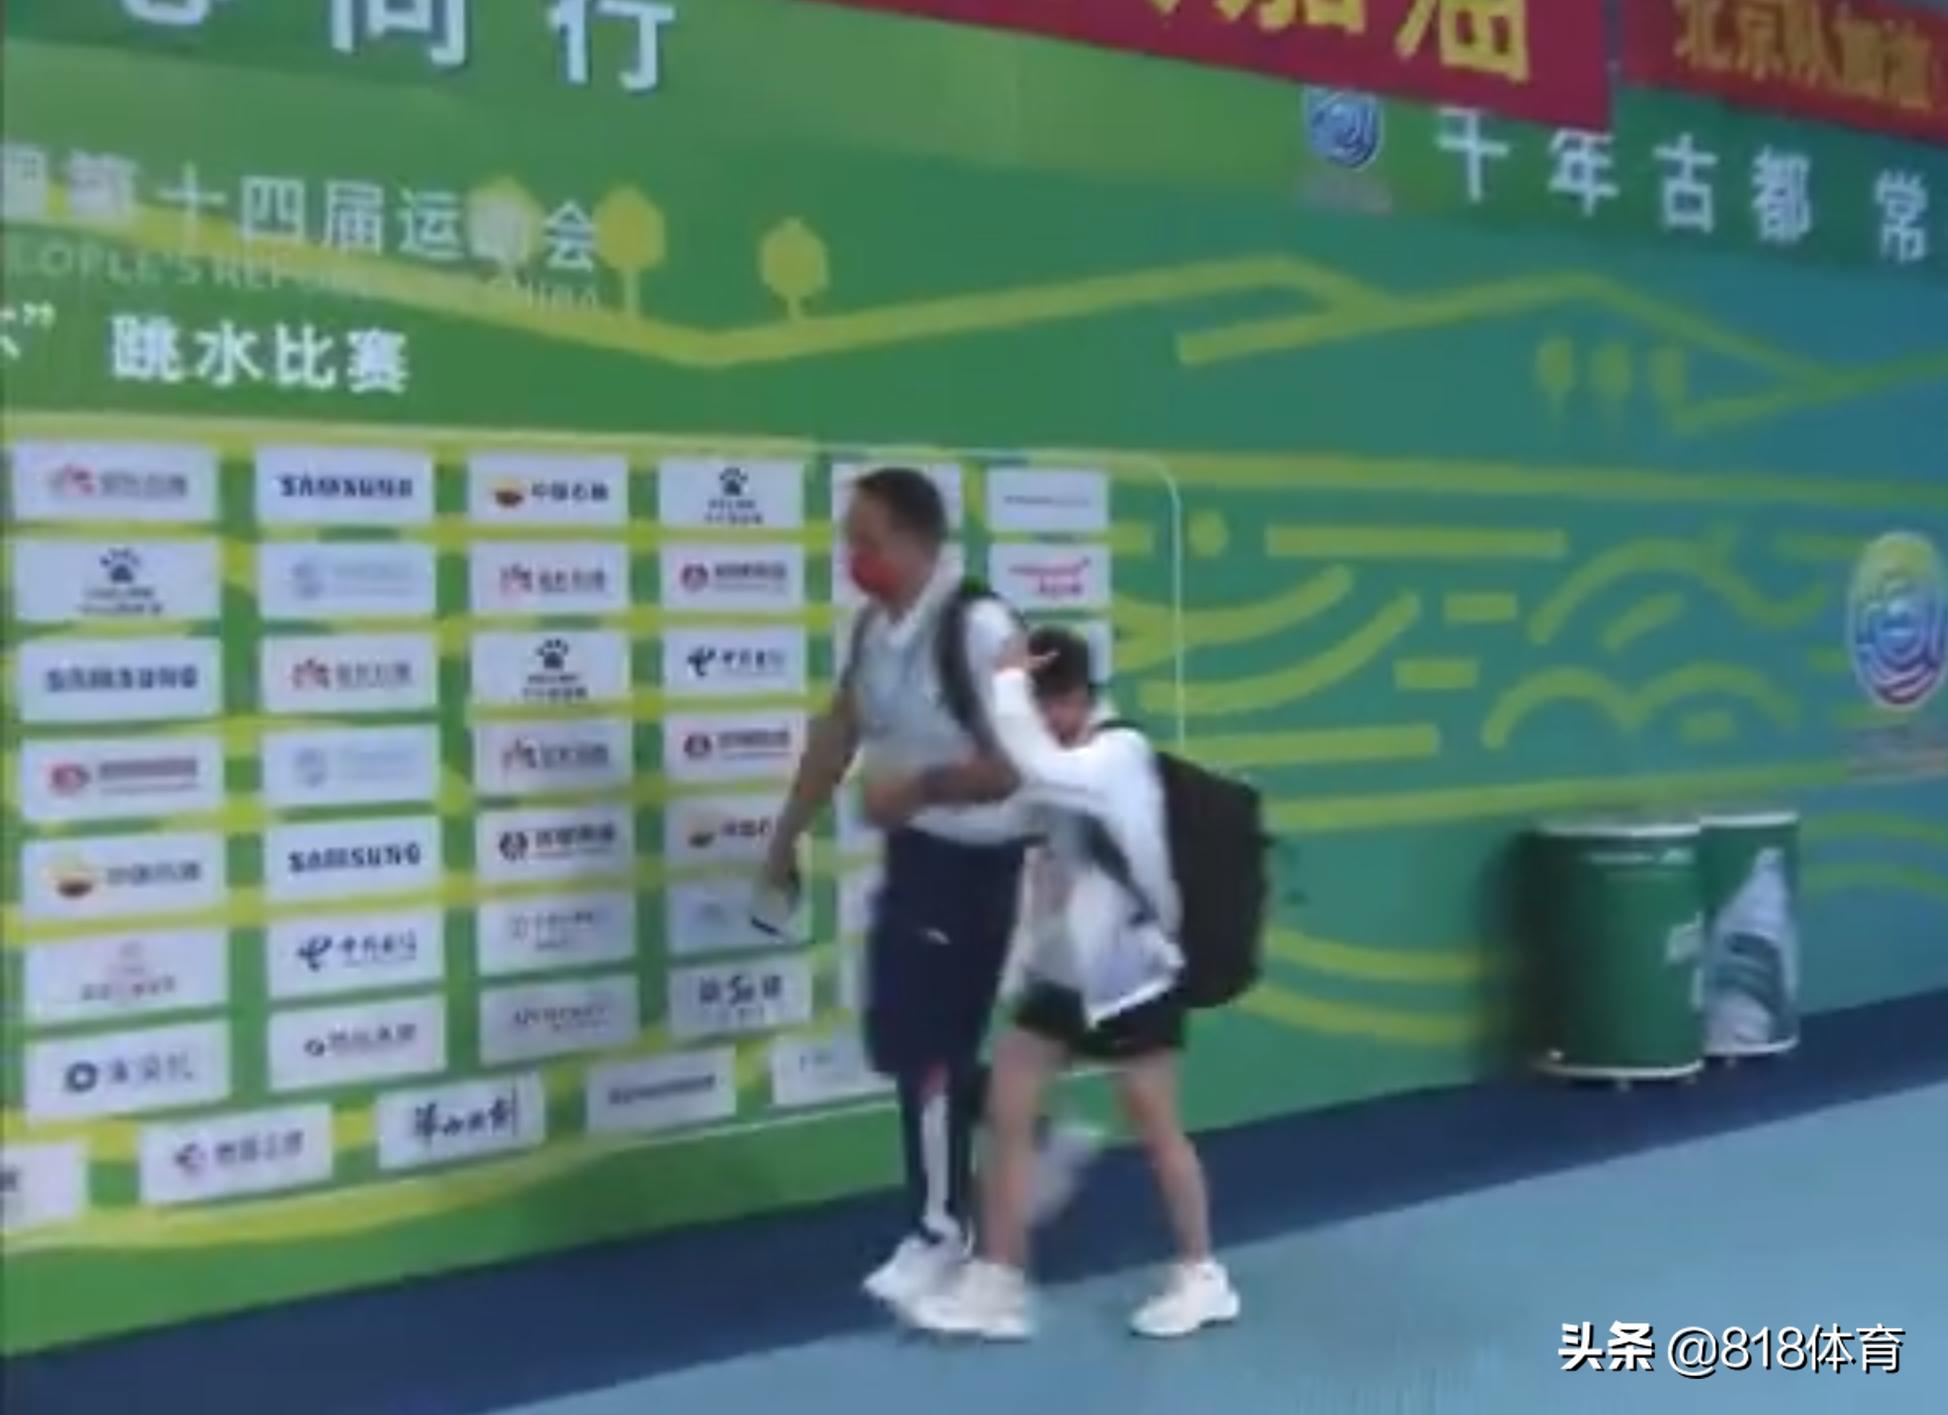 国宝!全红婵全运被广东队8位教练包围避免干扰,教练牵手带她离场